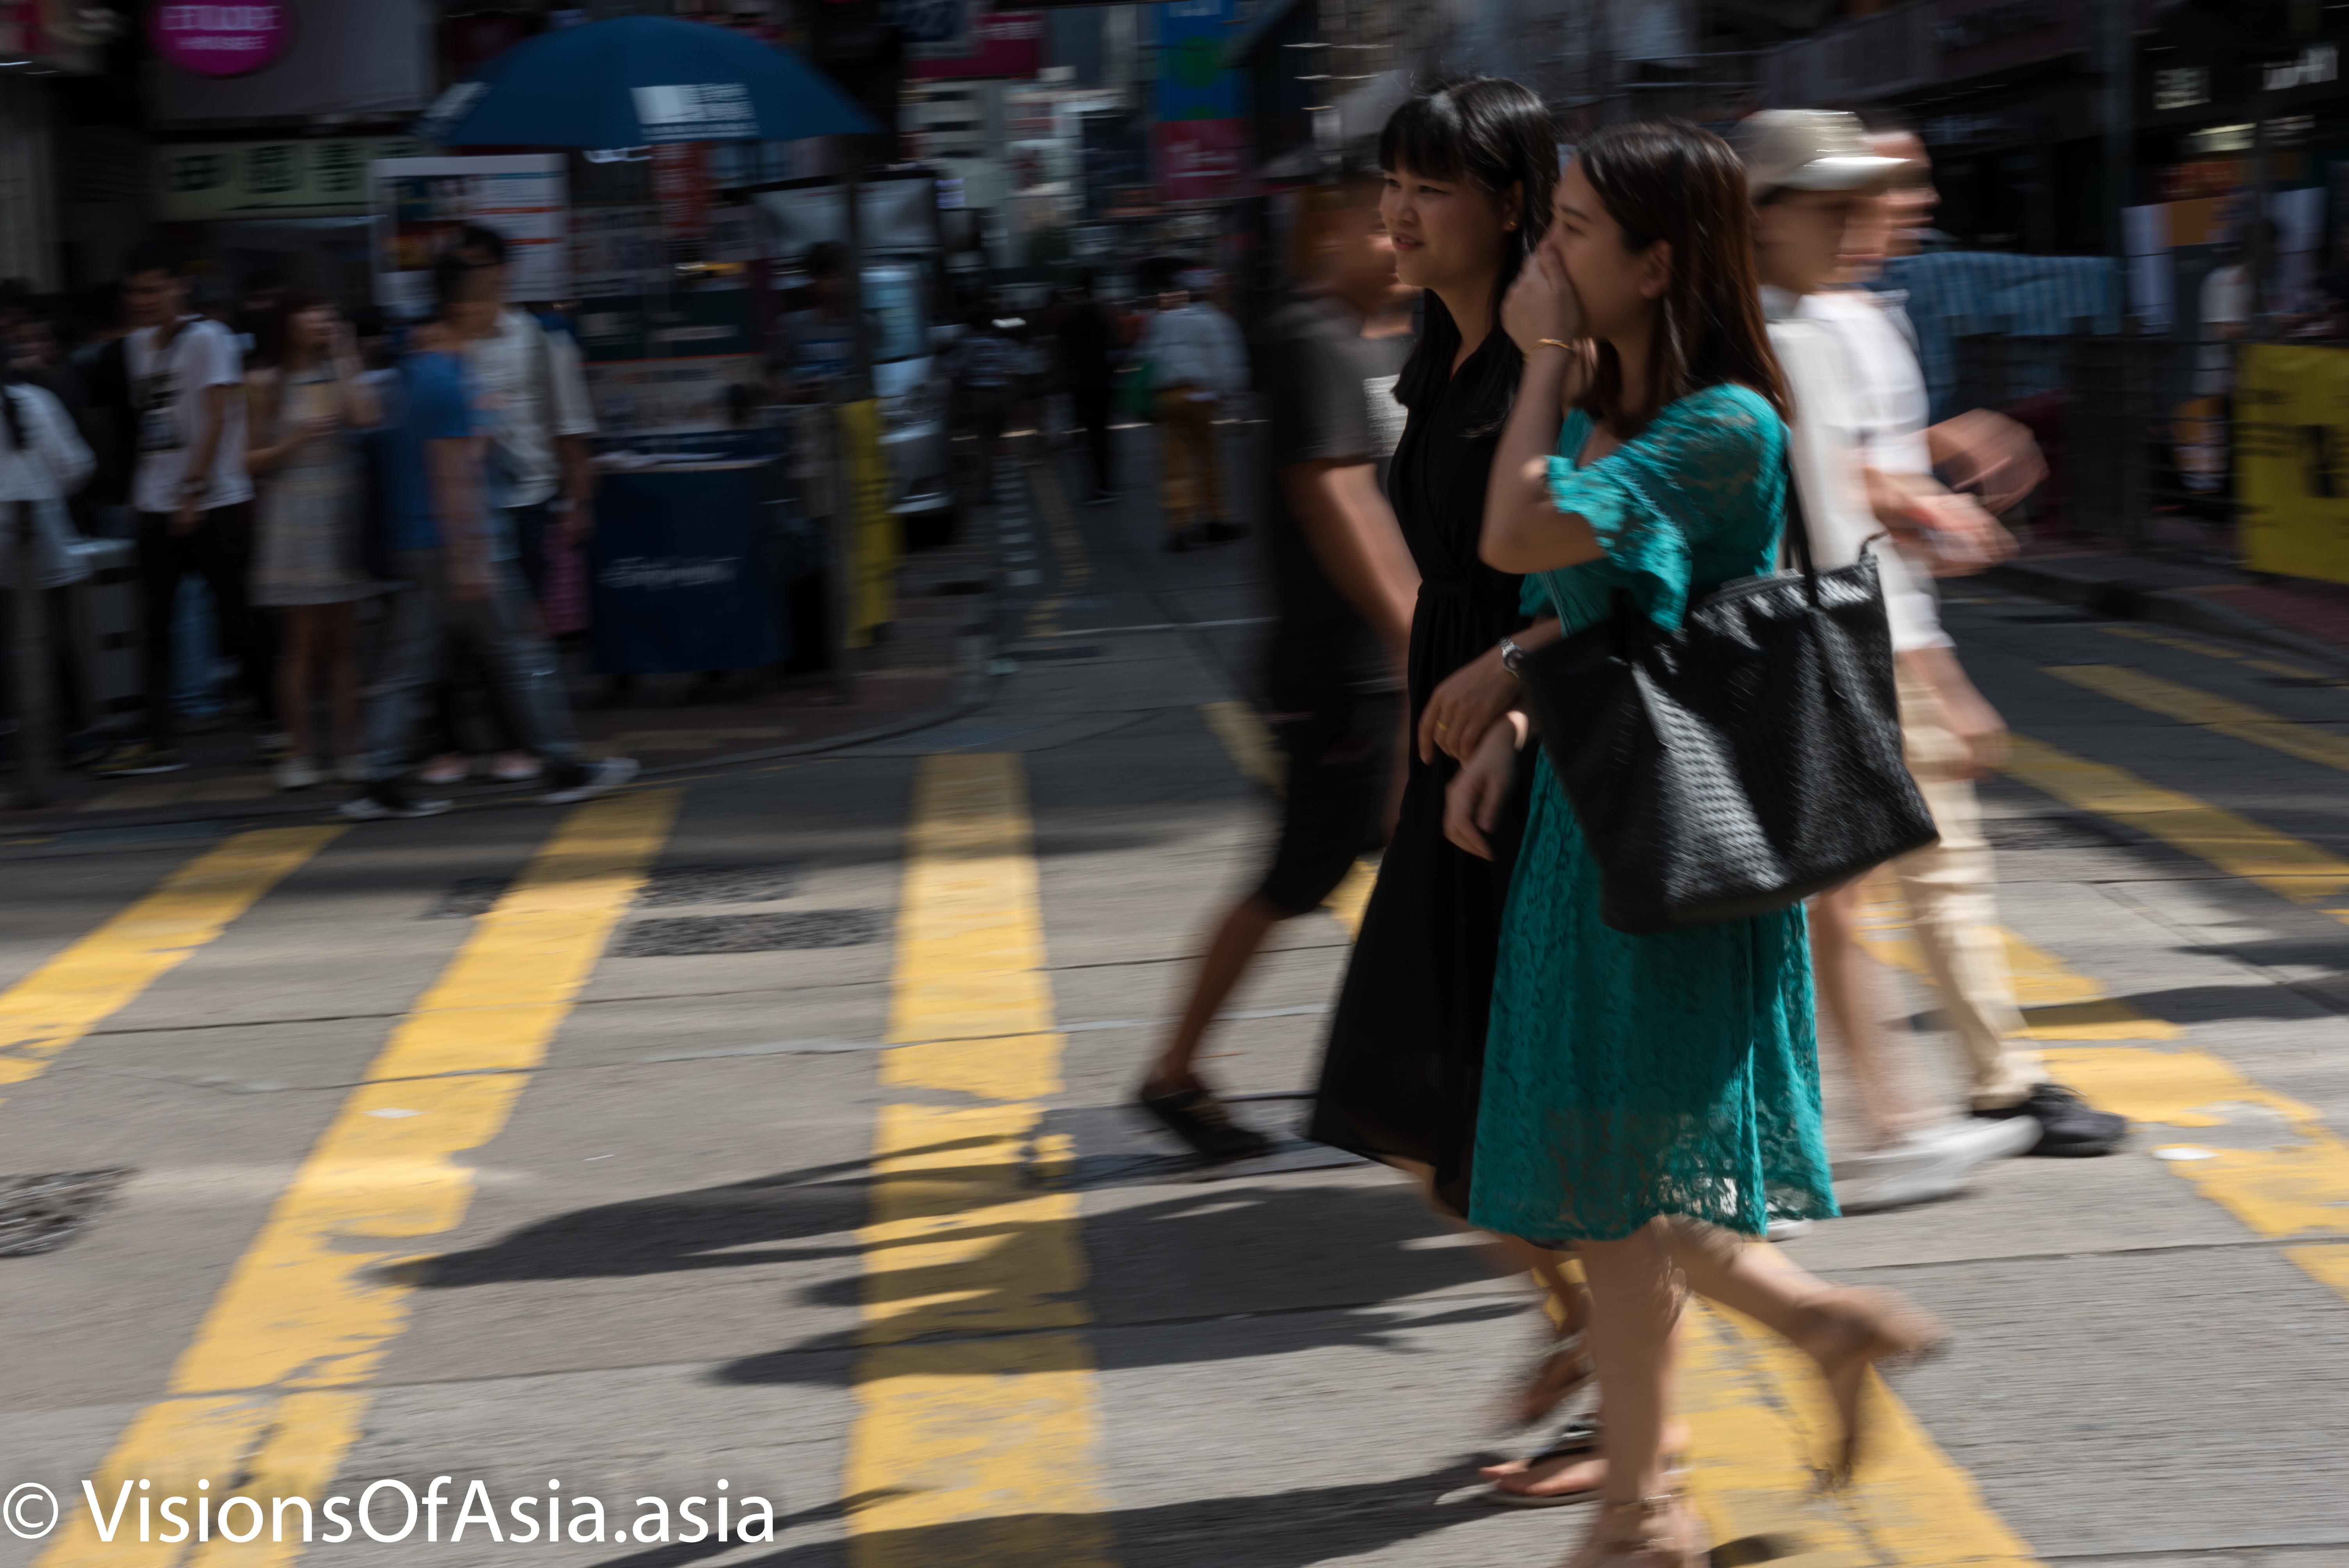 Ladies crossing